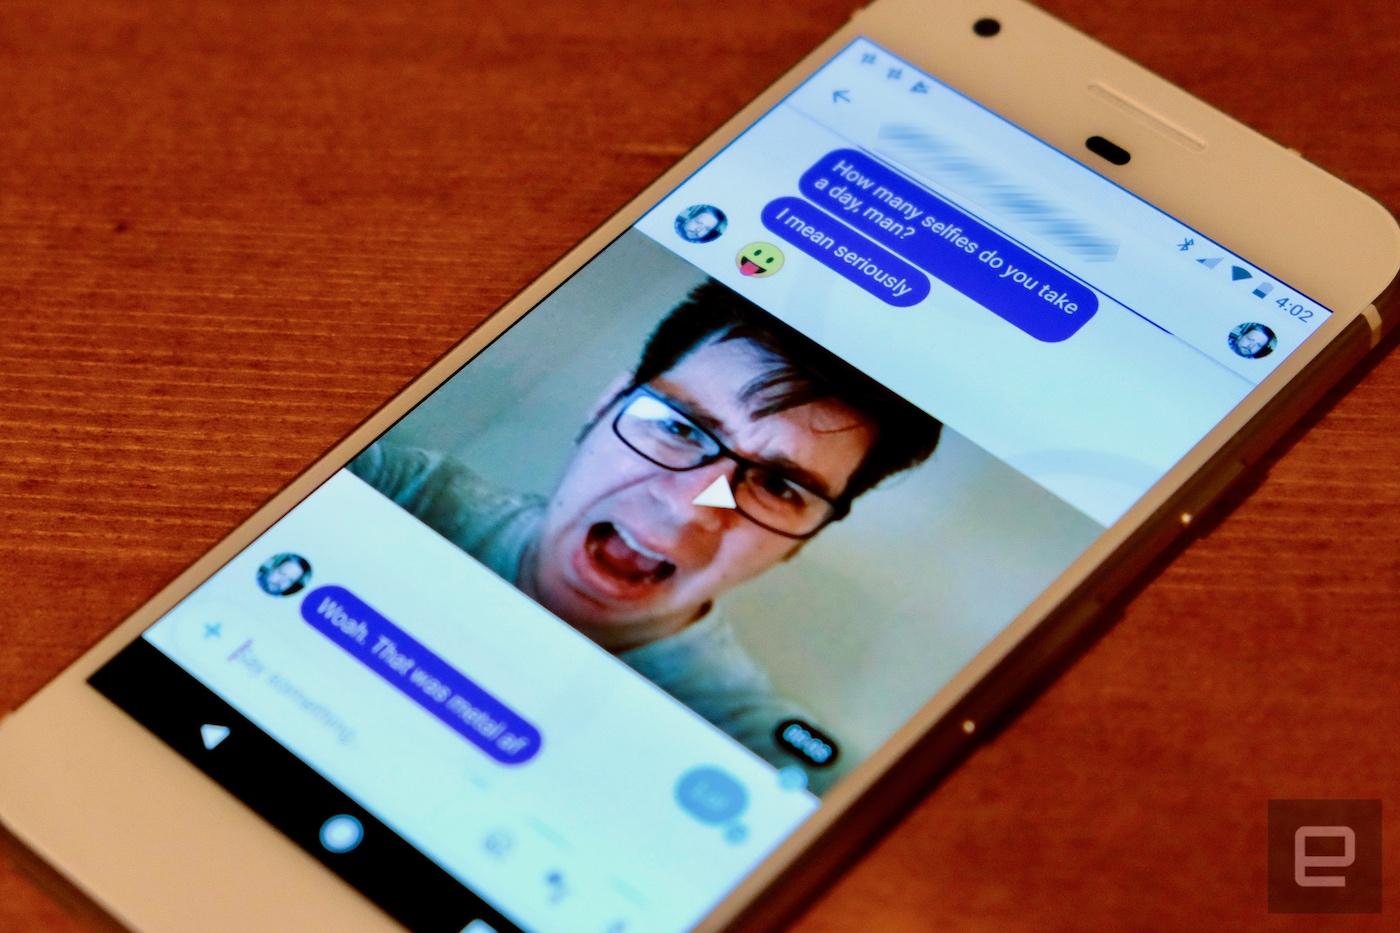 Android 版 Allo 用戶可以率先體驗網頁端聊天了